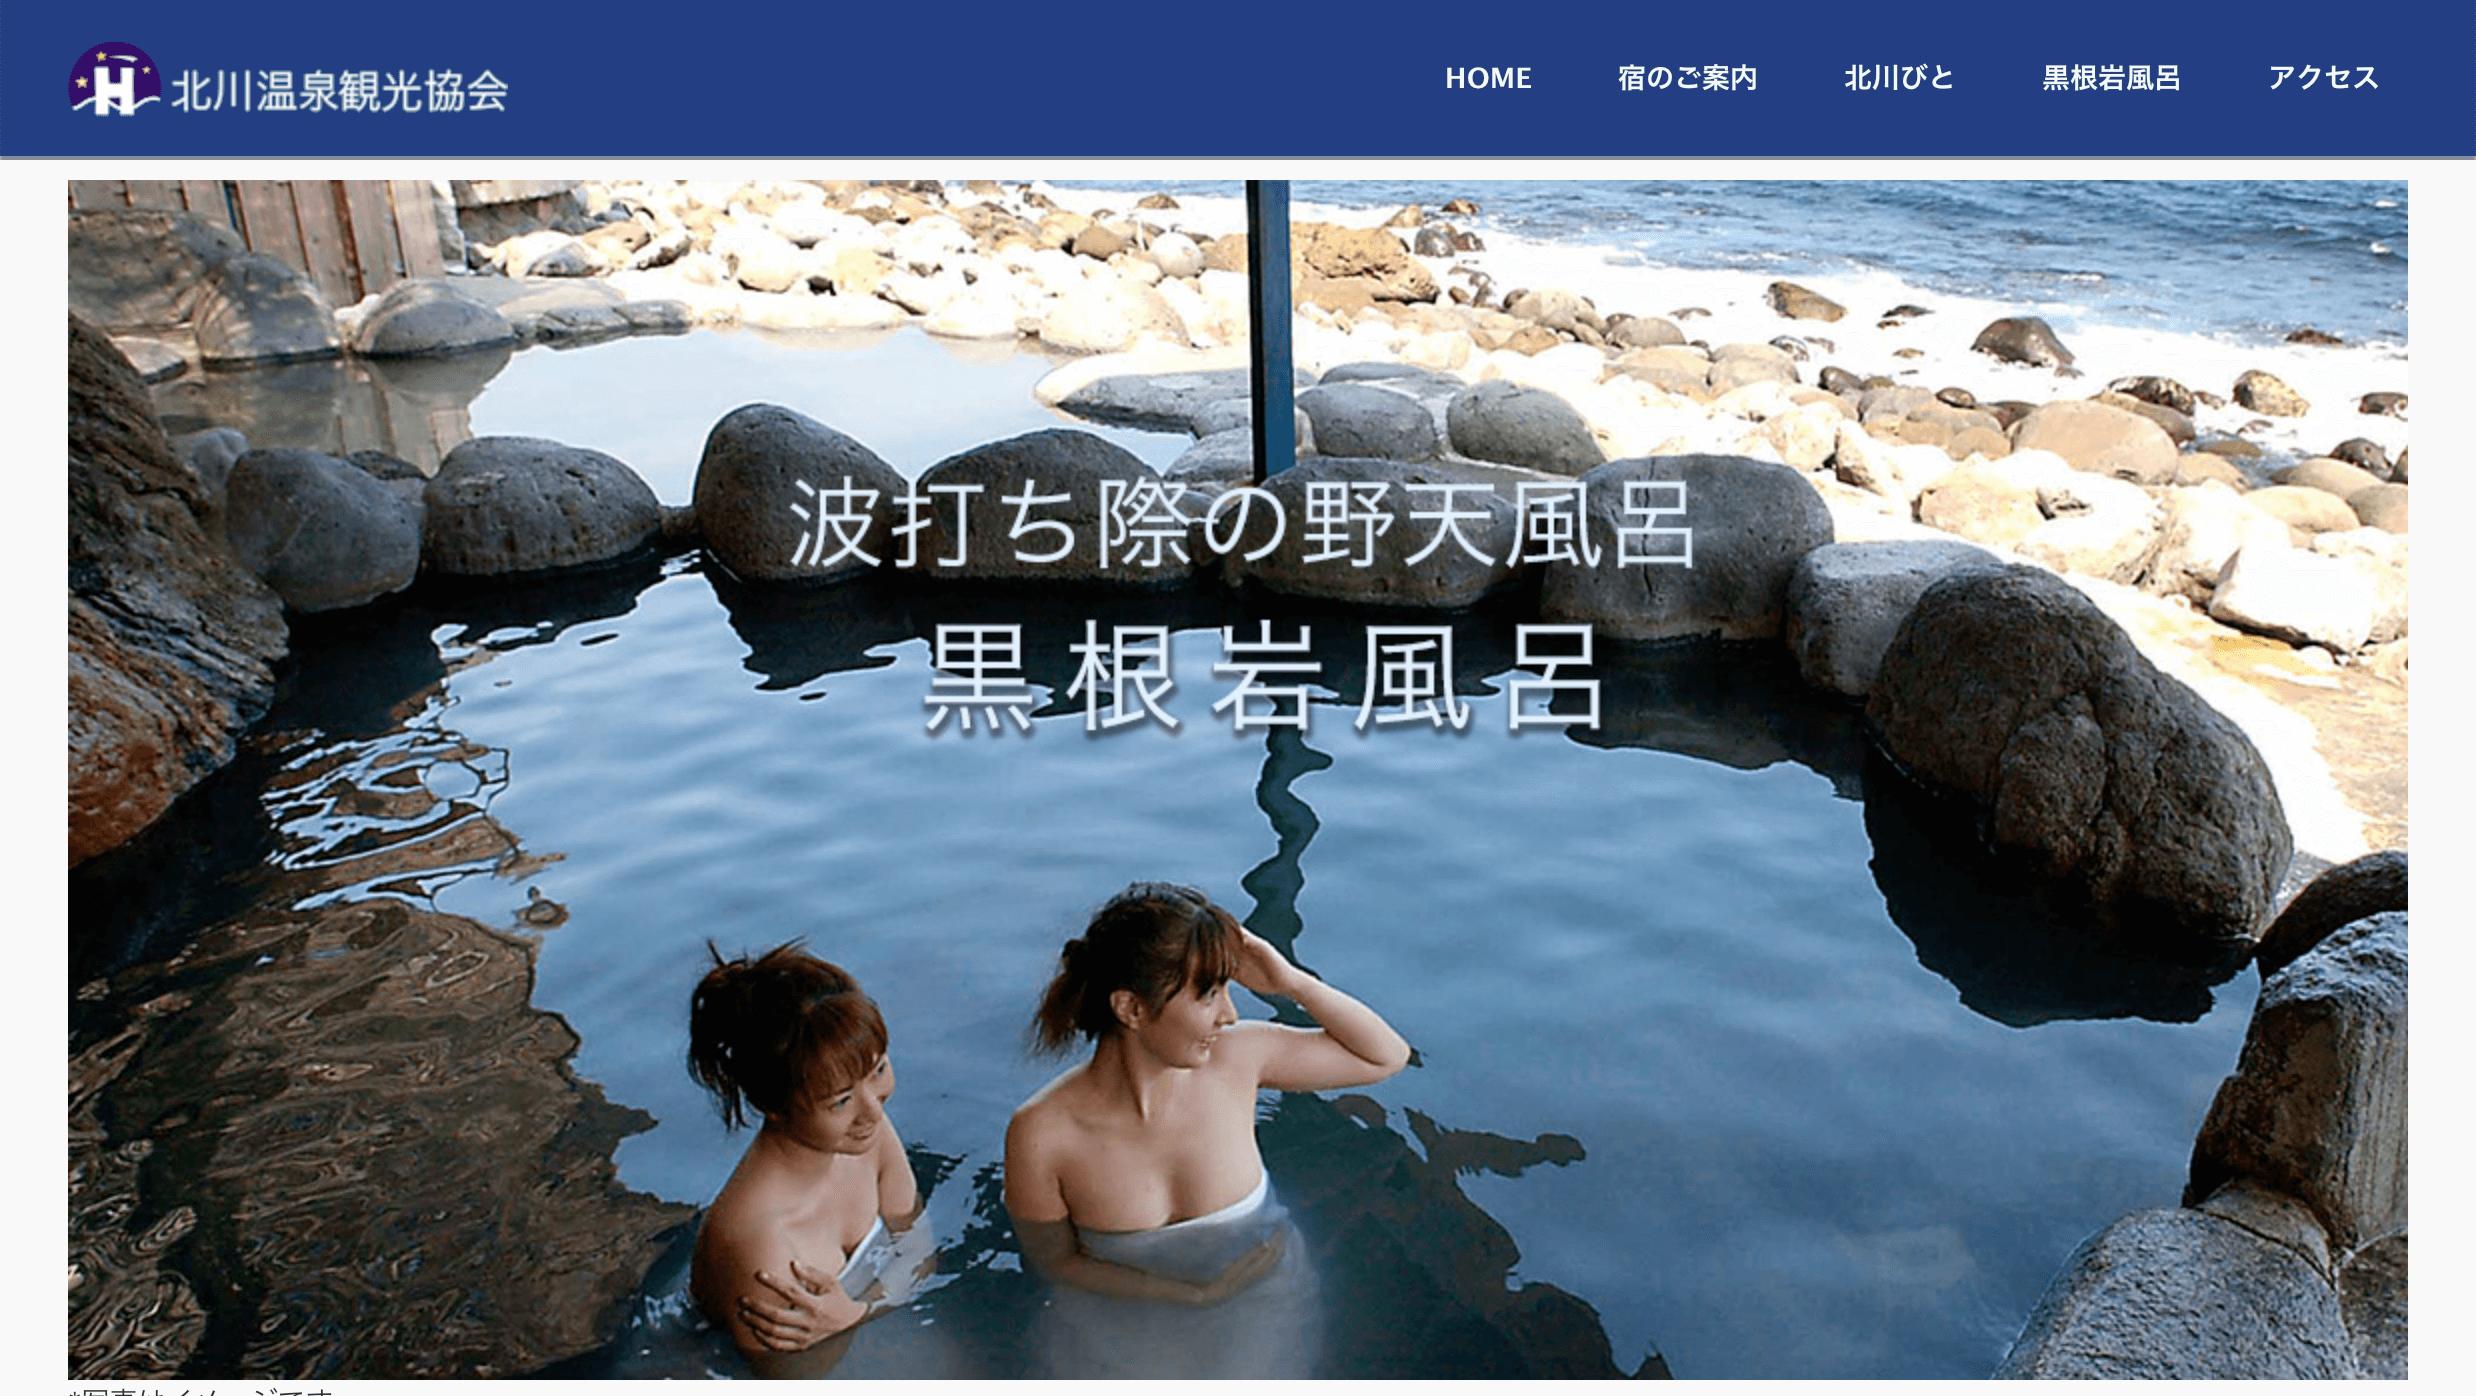 黒根岩風呂の温泉